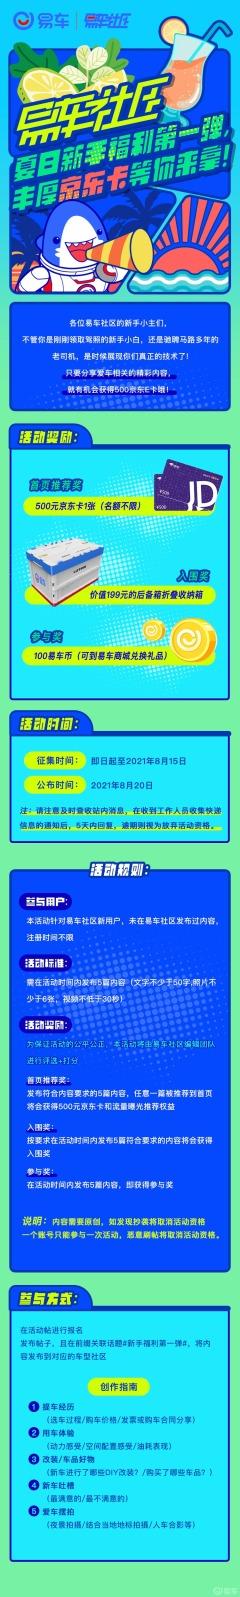 【易车社区话题活动】夏日新手福利第一弹,万元京东卡等你来瓜分!